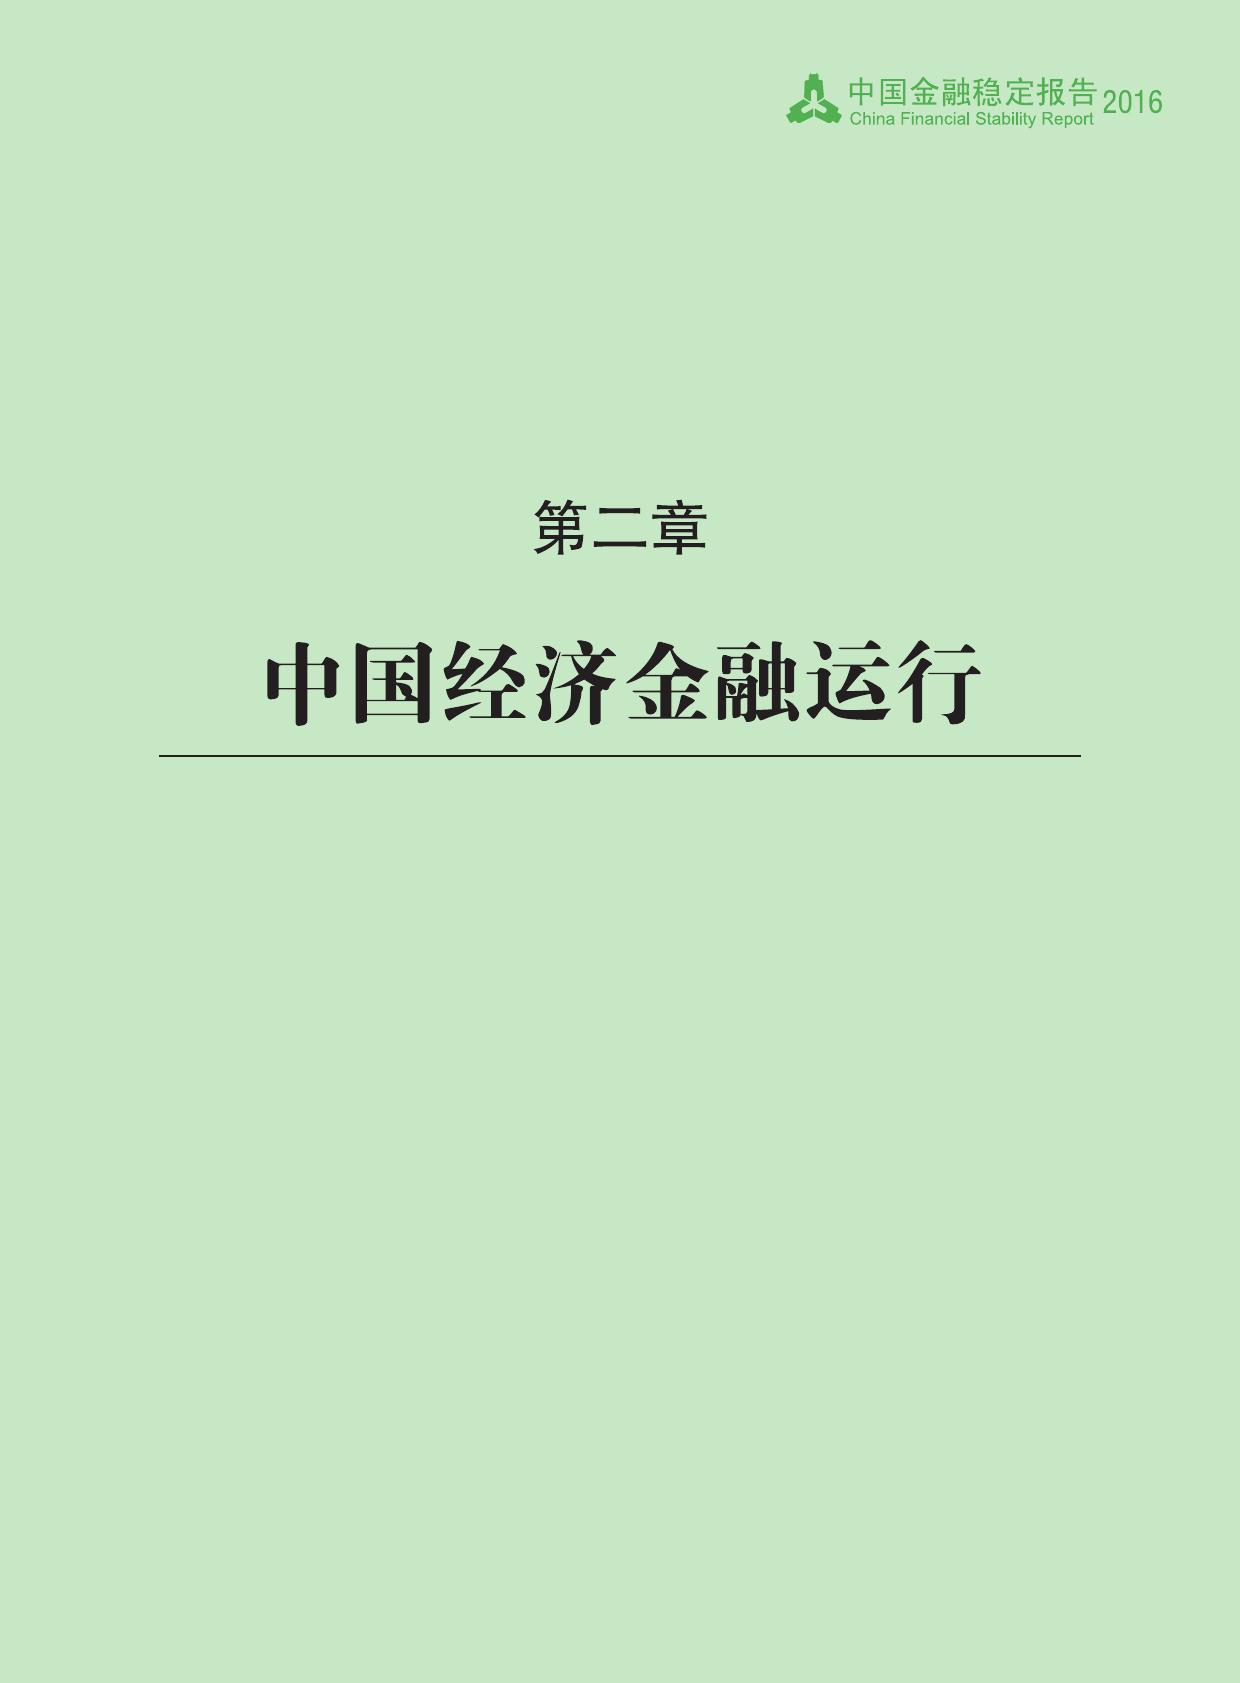 2016年中国金融稳定报告_000021